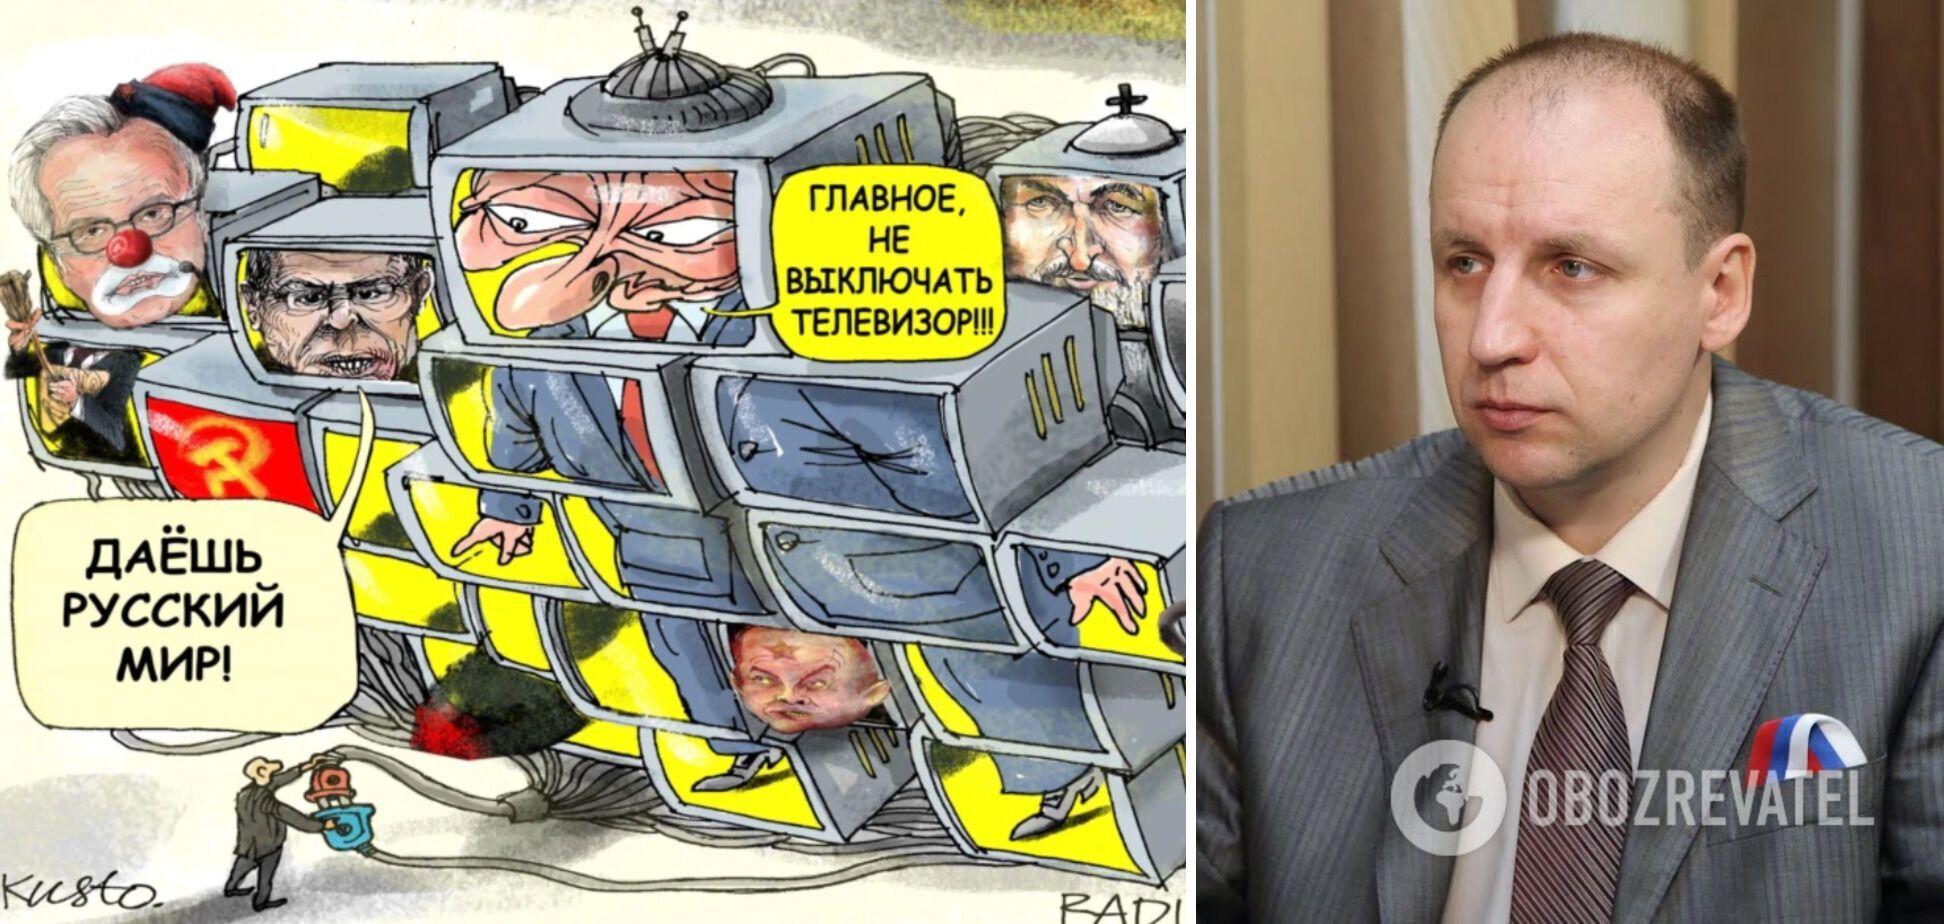 Операція 'Ліквідація'. З Росії знову погрожують Україні